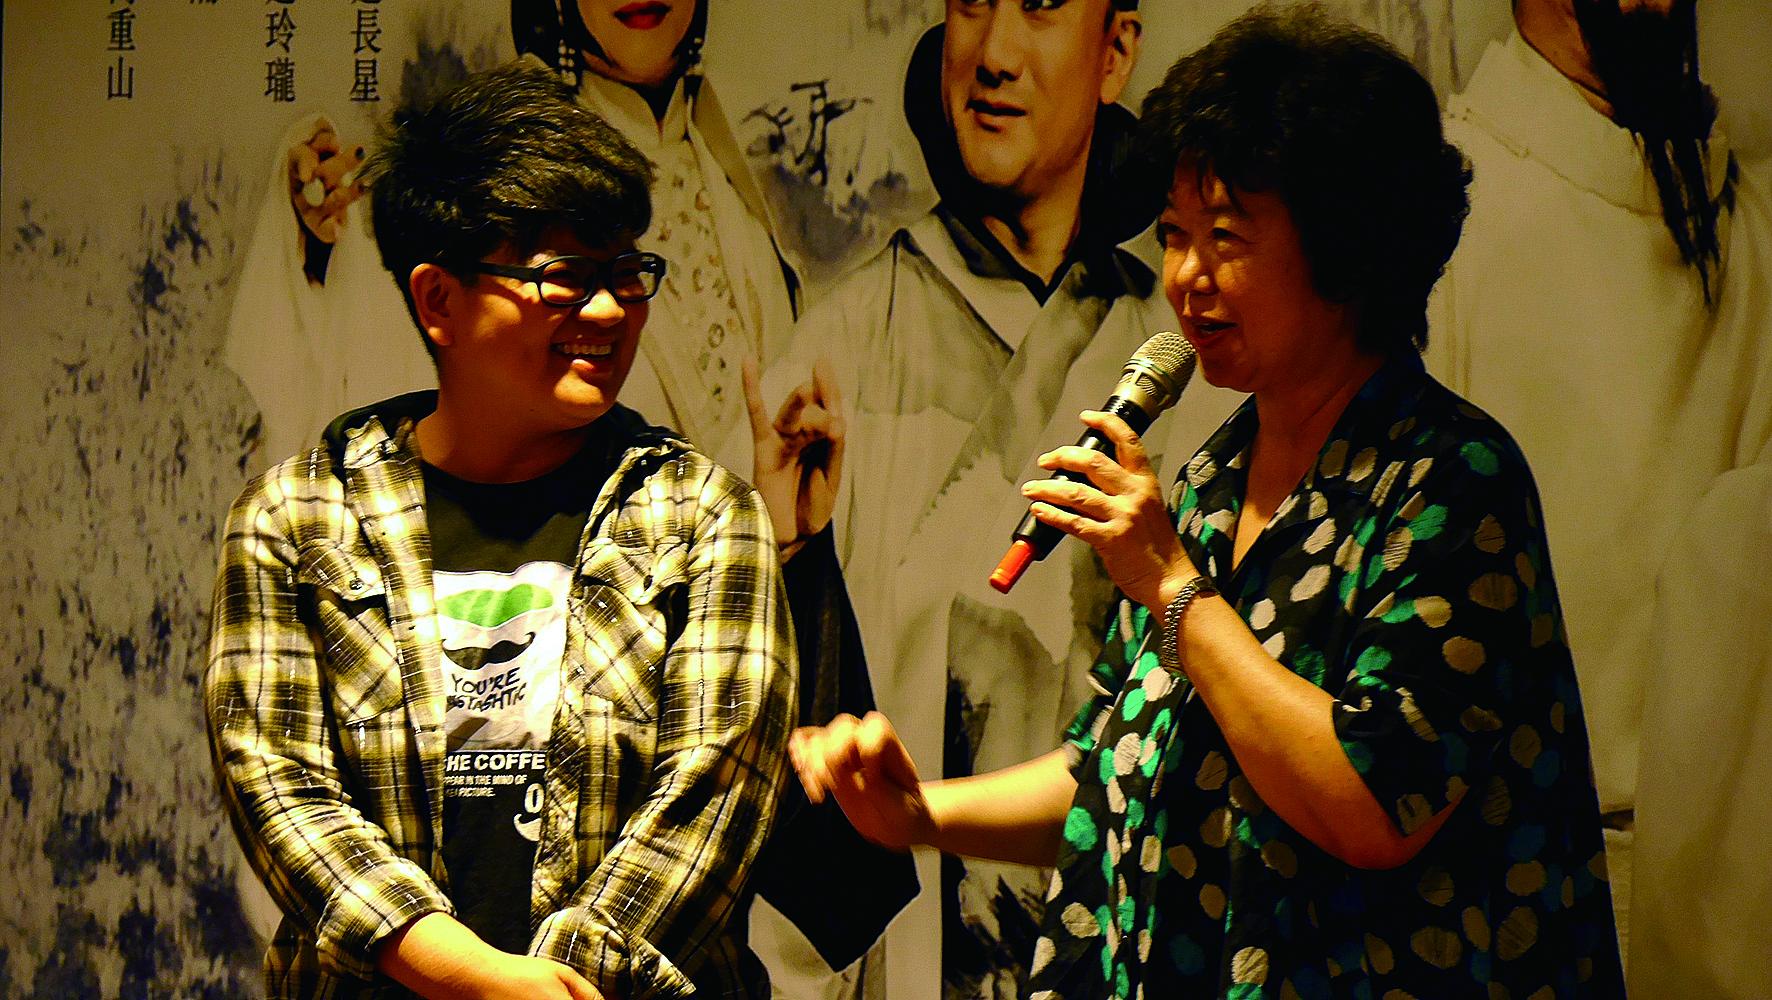 王安祈(右)和劉建幗合作《十八羅漢圖》劇本,提攜年輕人。.jpg